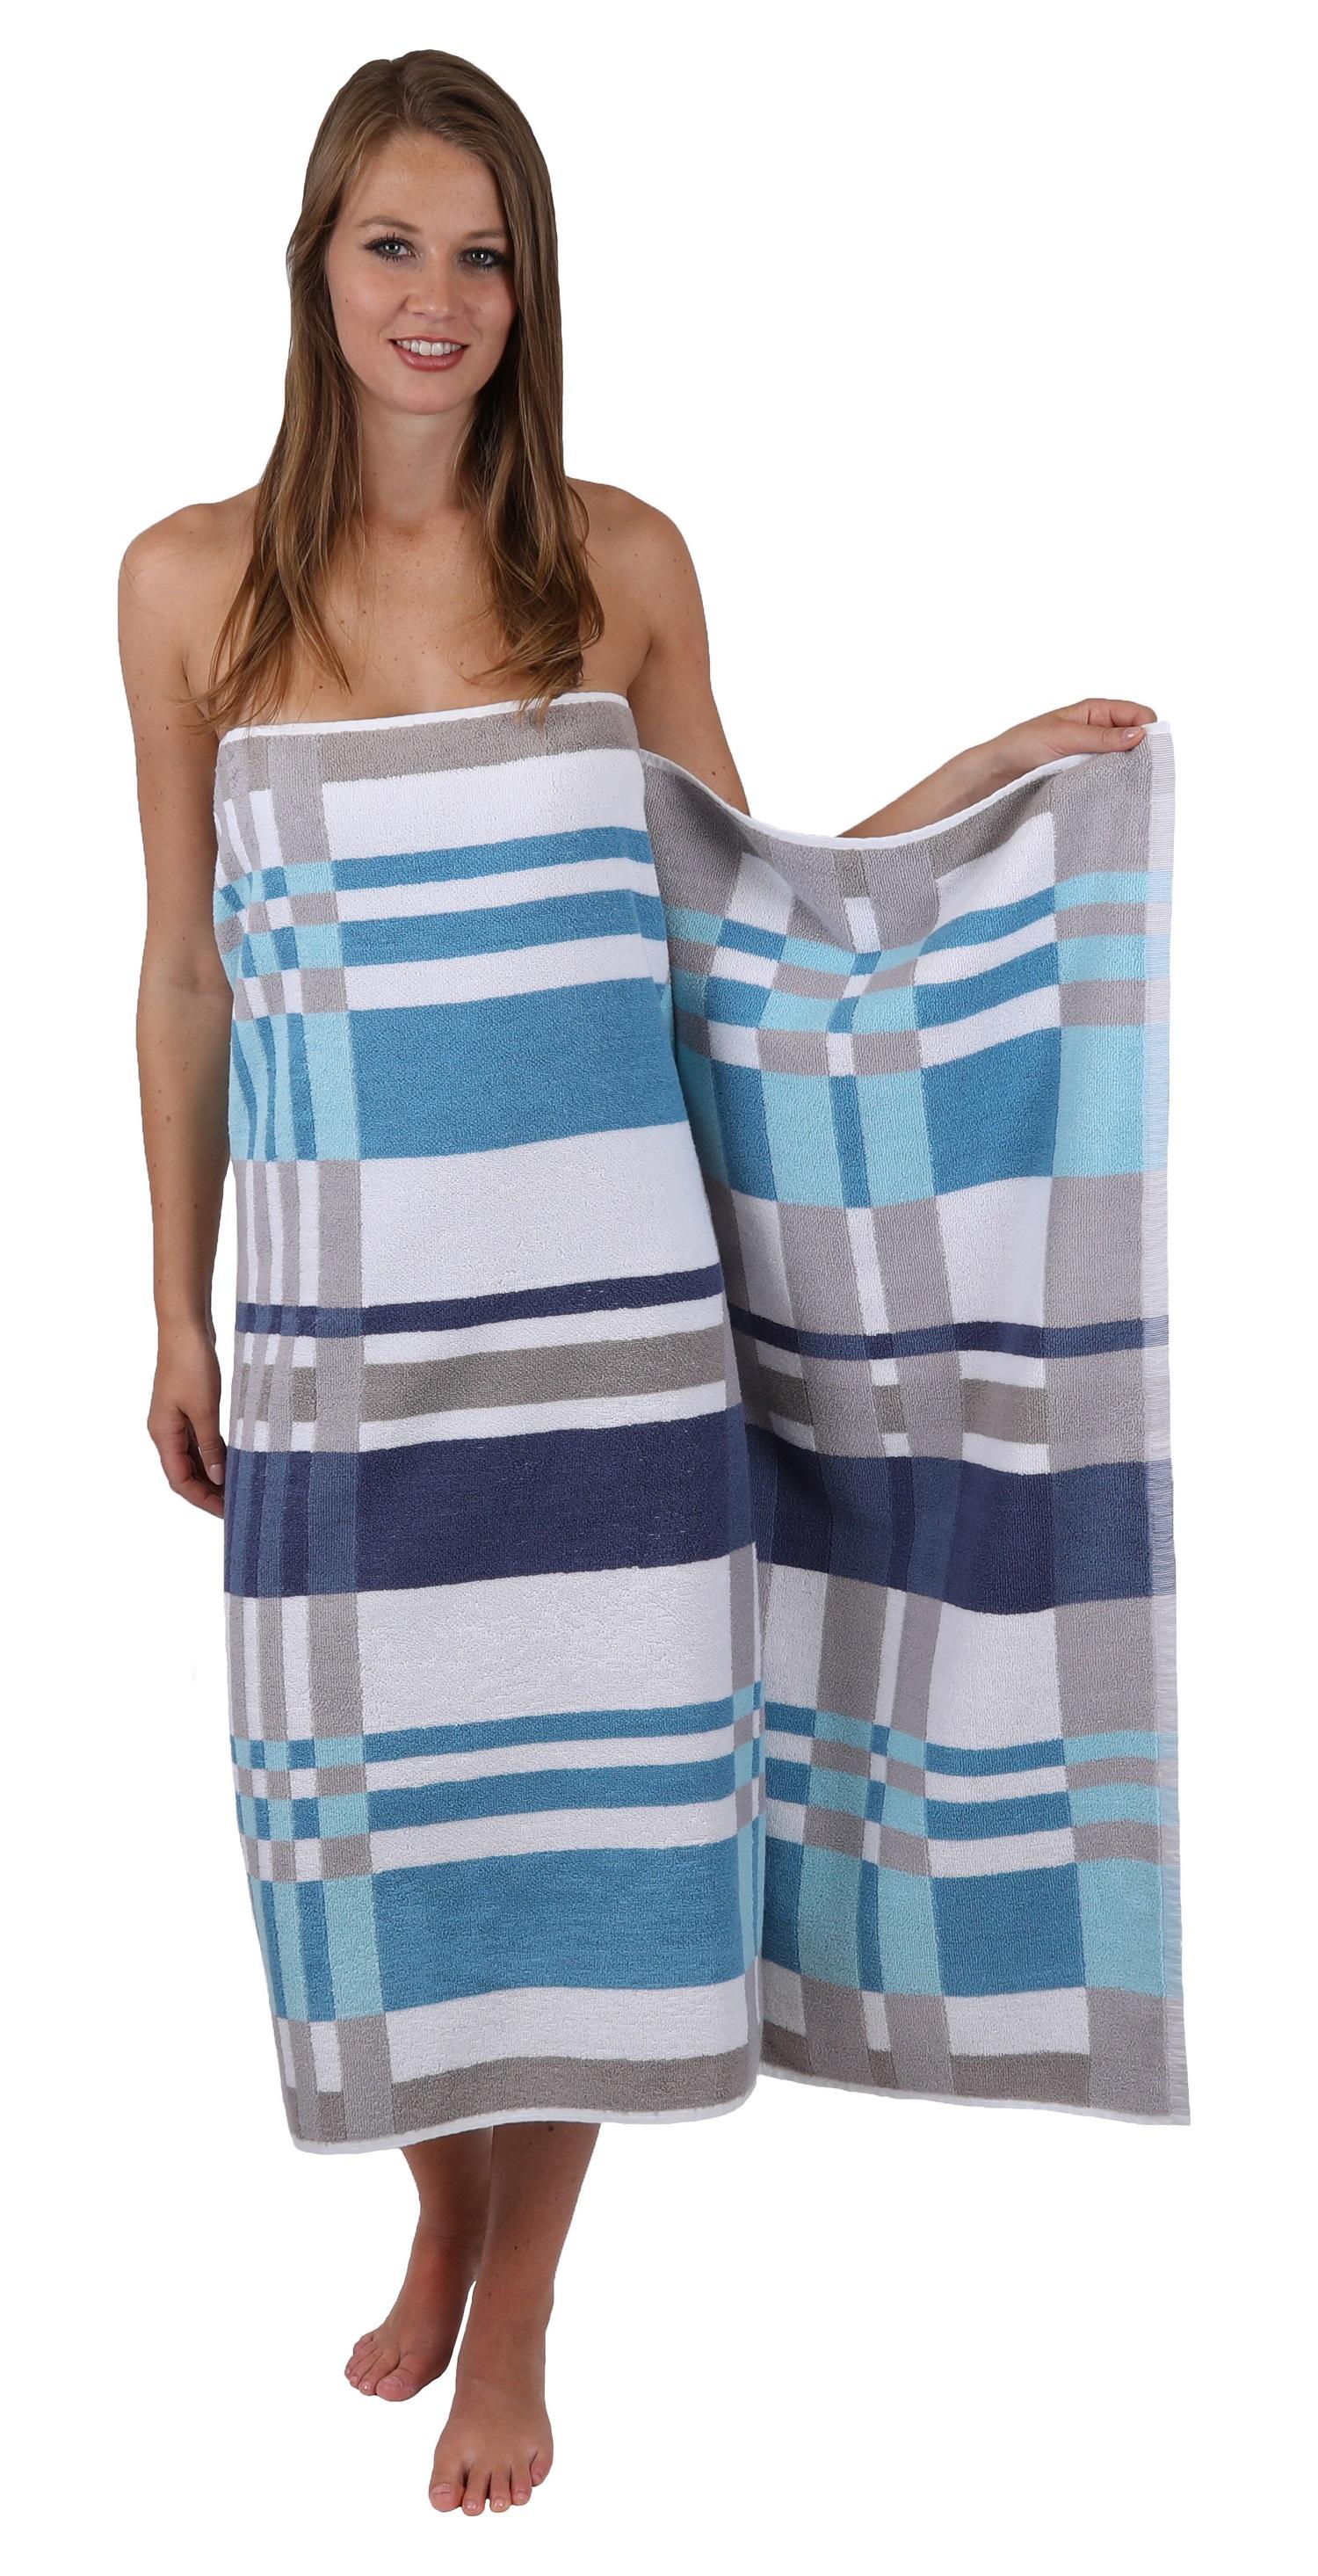 betz serviette jacquard hawai serviette de douche de plage drap de bain taille 100x150 cm. Black Bedroom Furniture Sets. Home Design Ideas